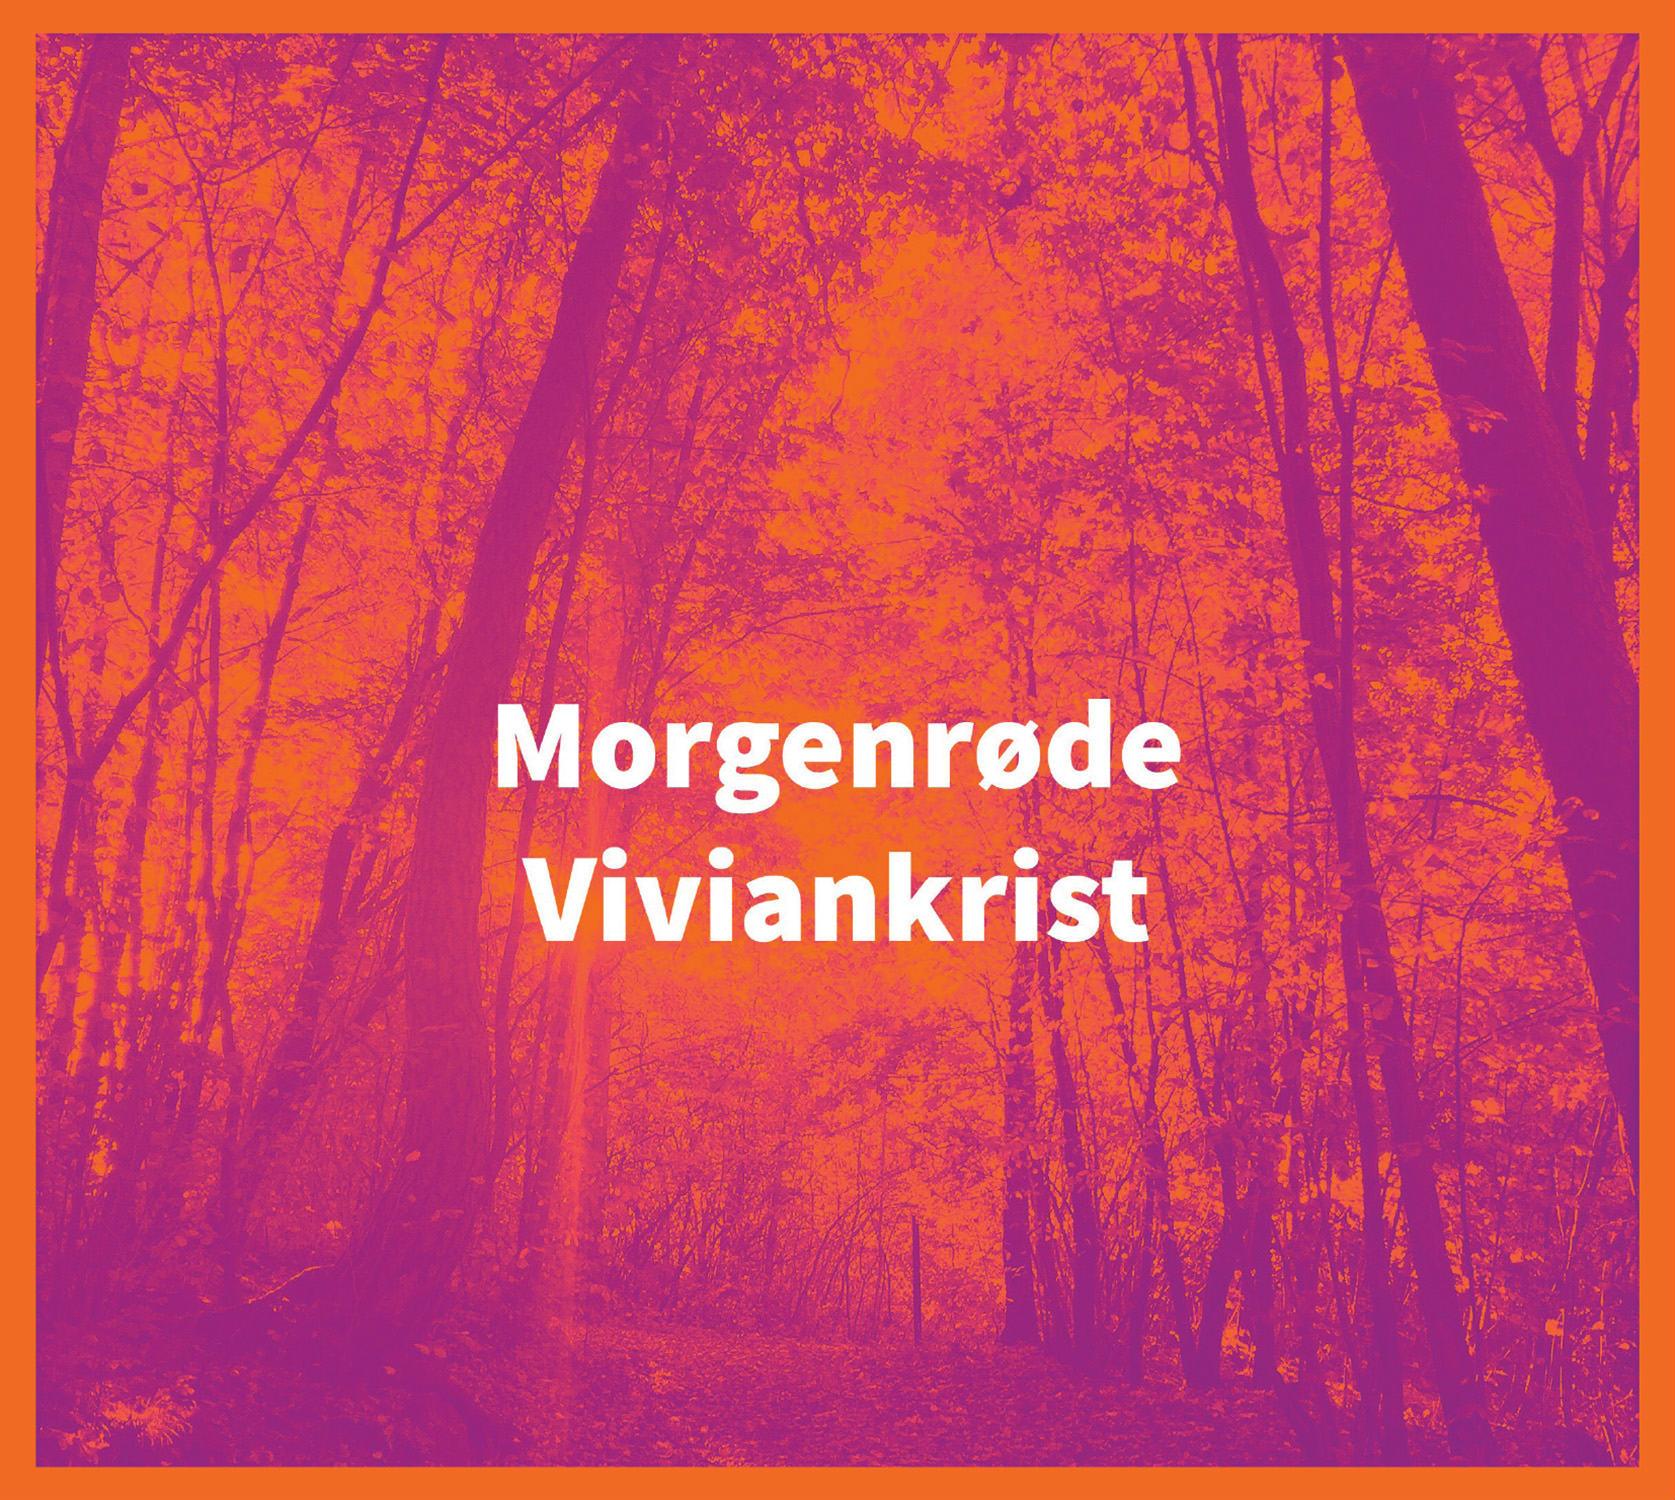 Viviankrist - Morgenrode